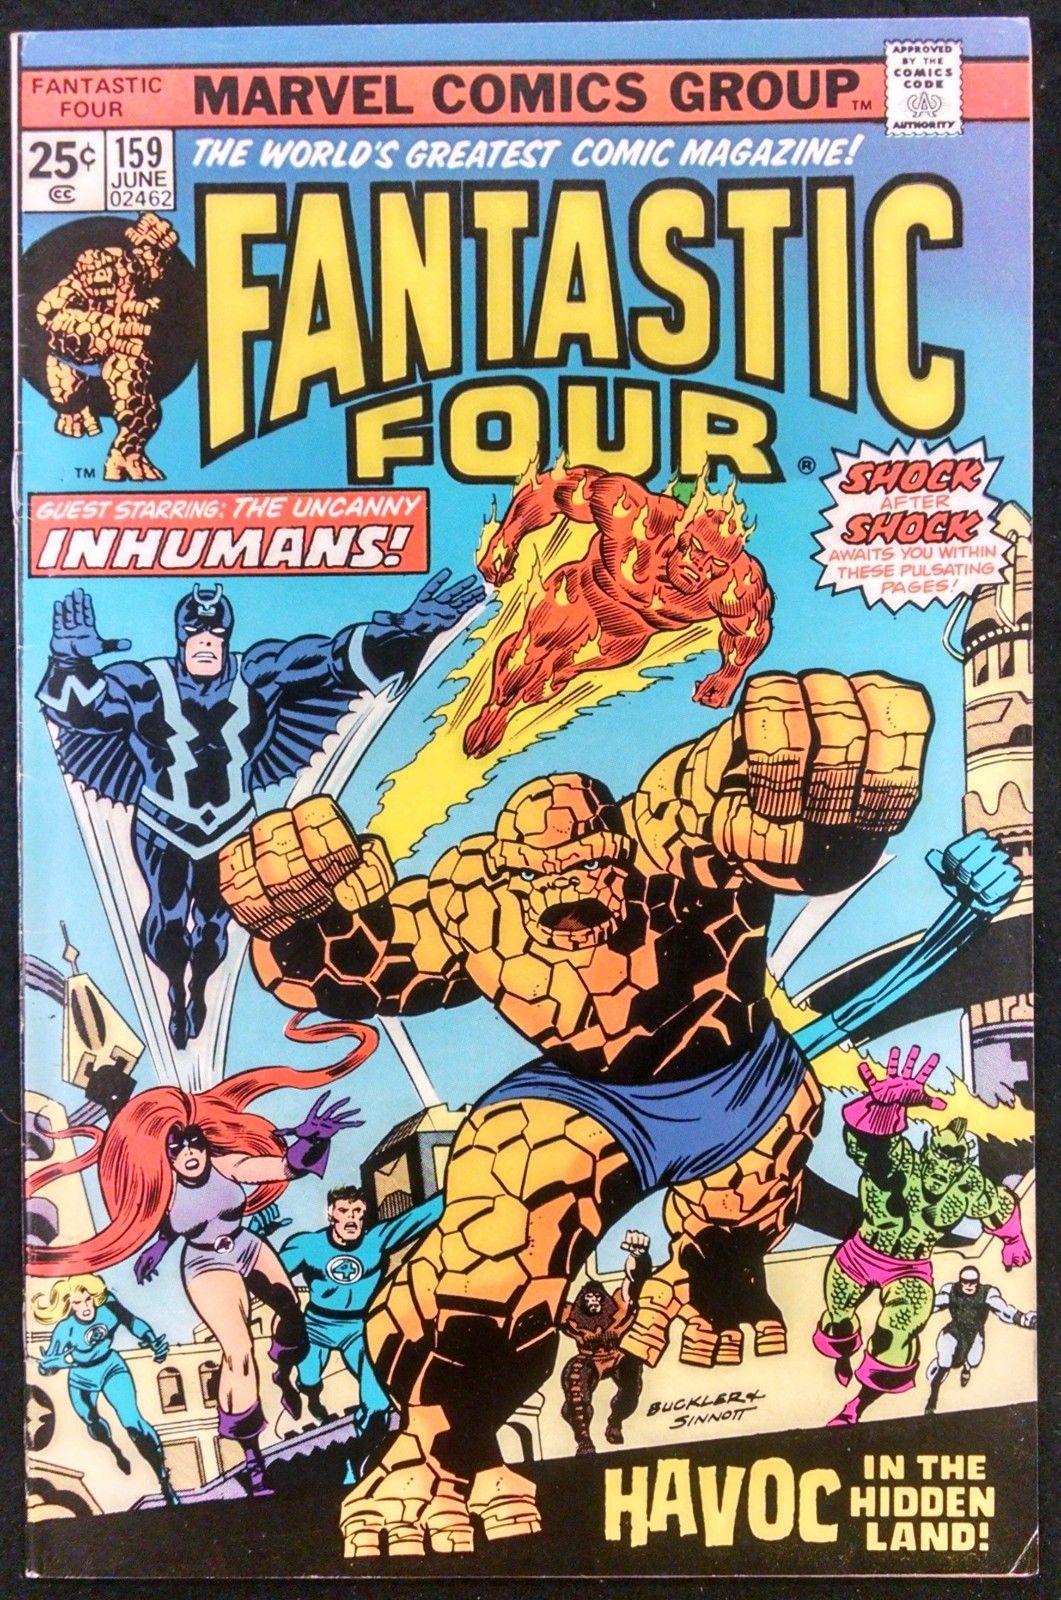 SPONGEBOB COMICS #68